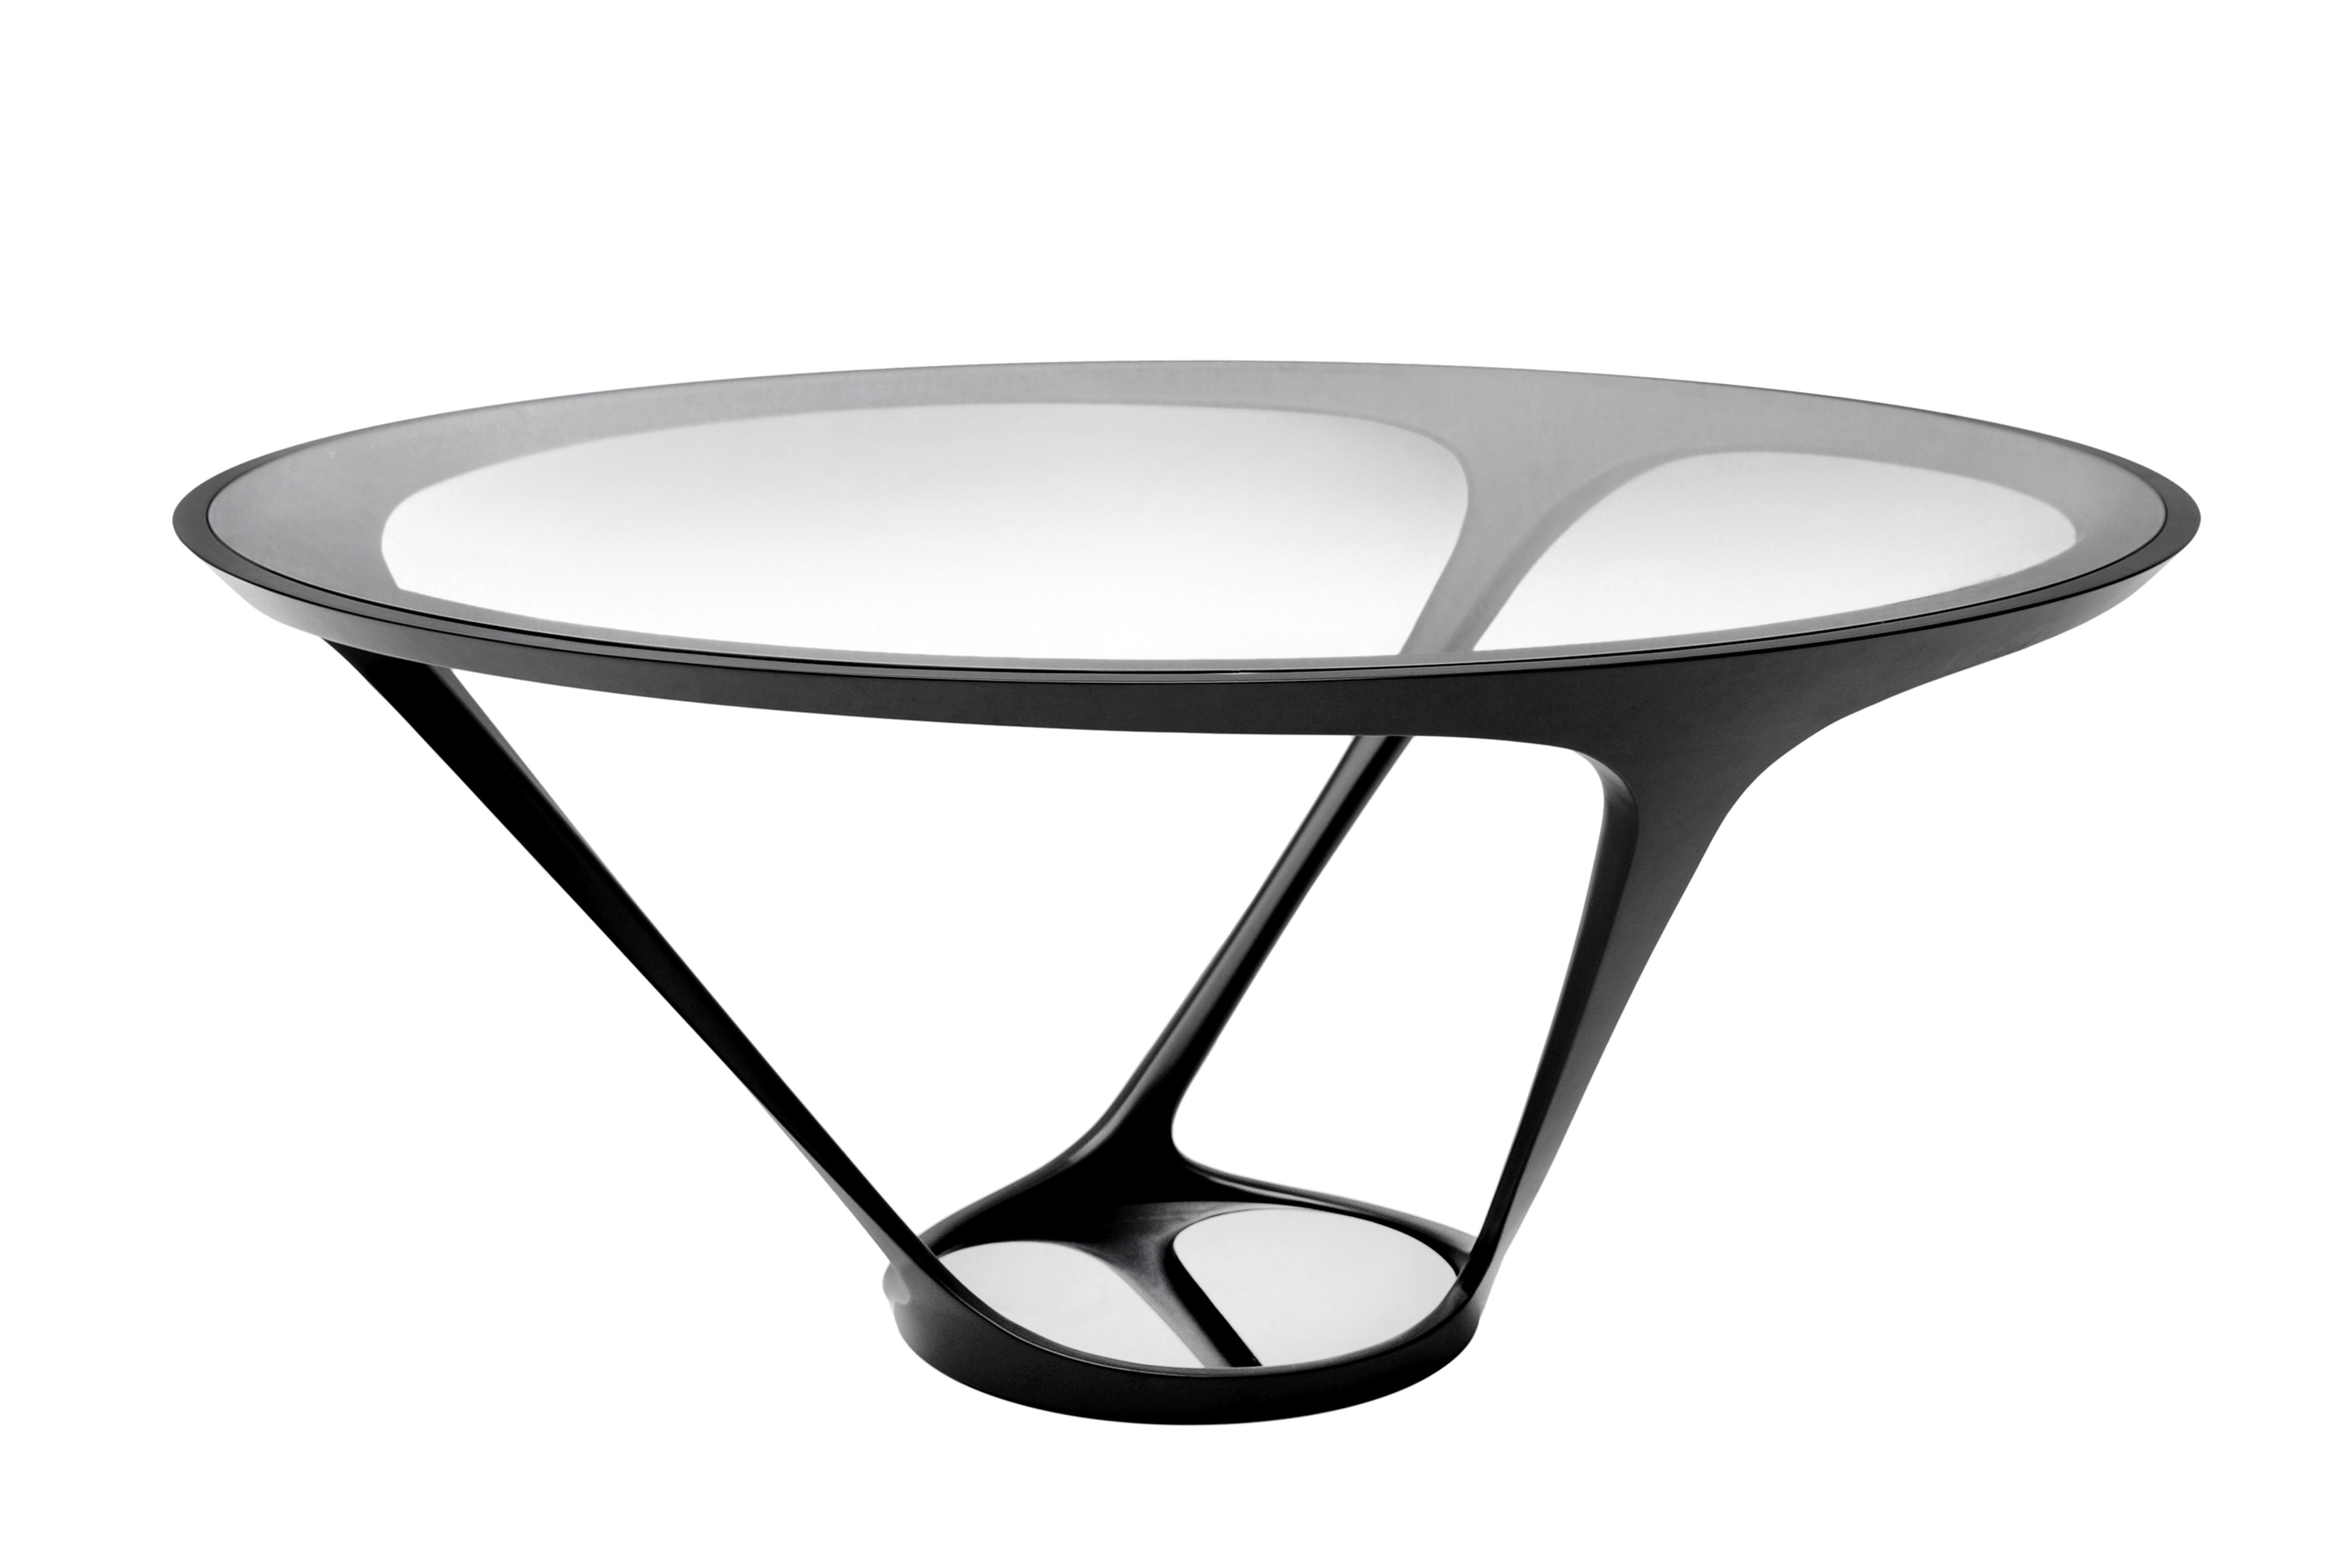 Roche Bobois Ora Ito Dining Table Designed By Ora Ito